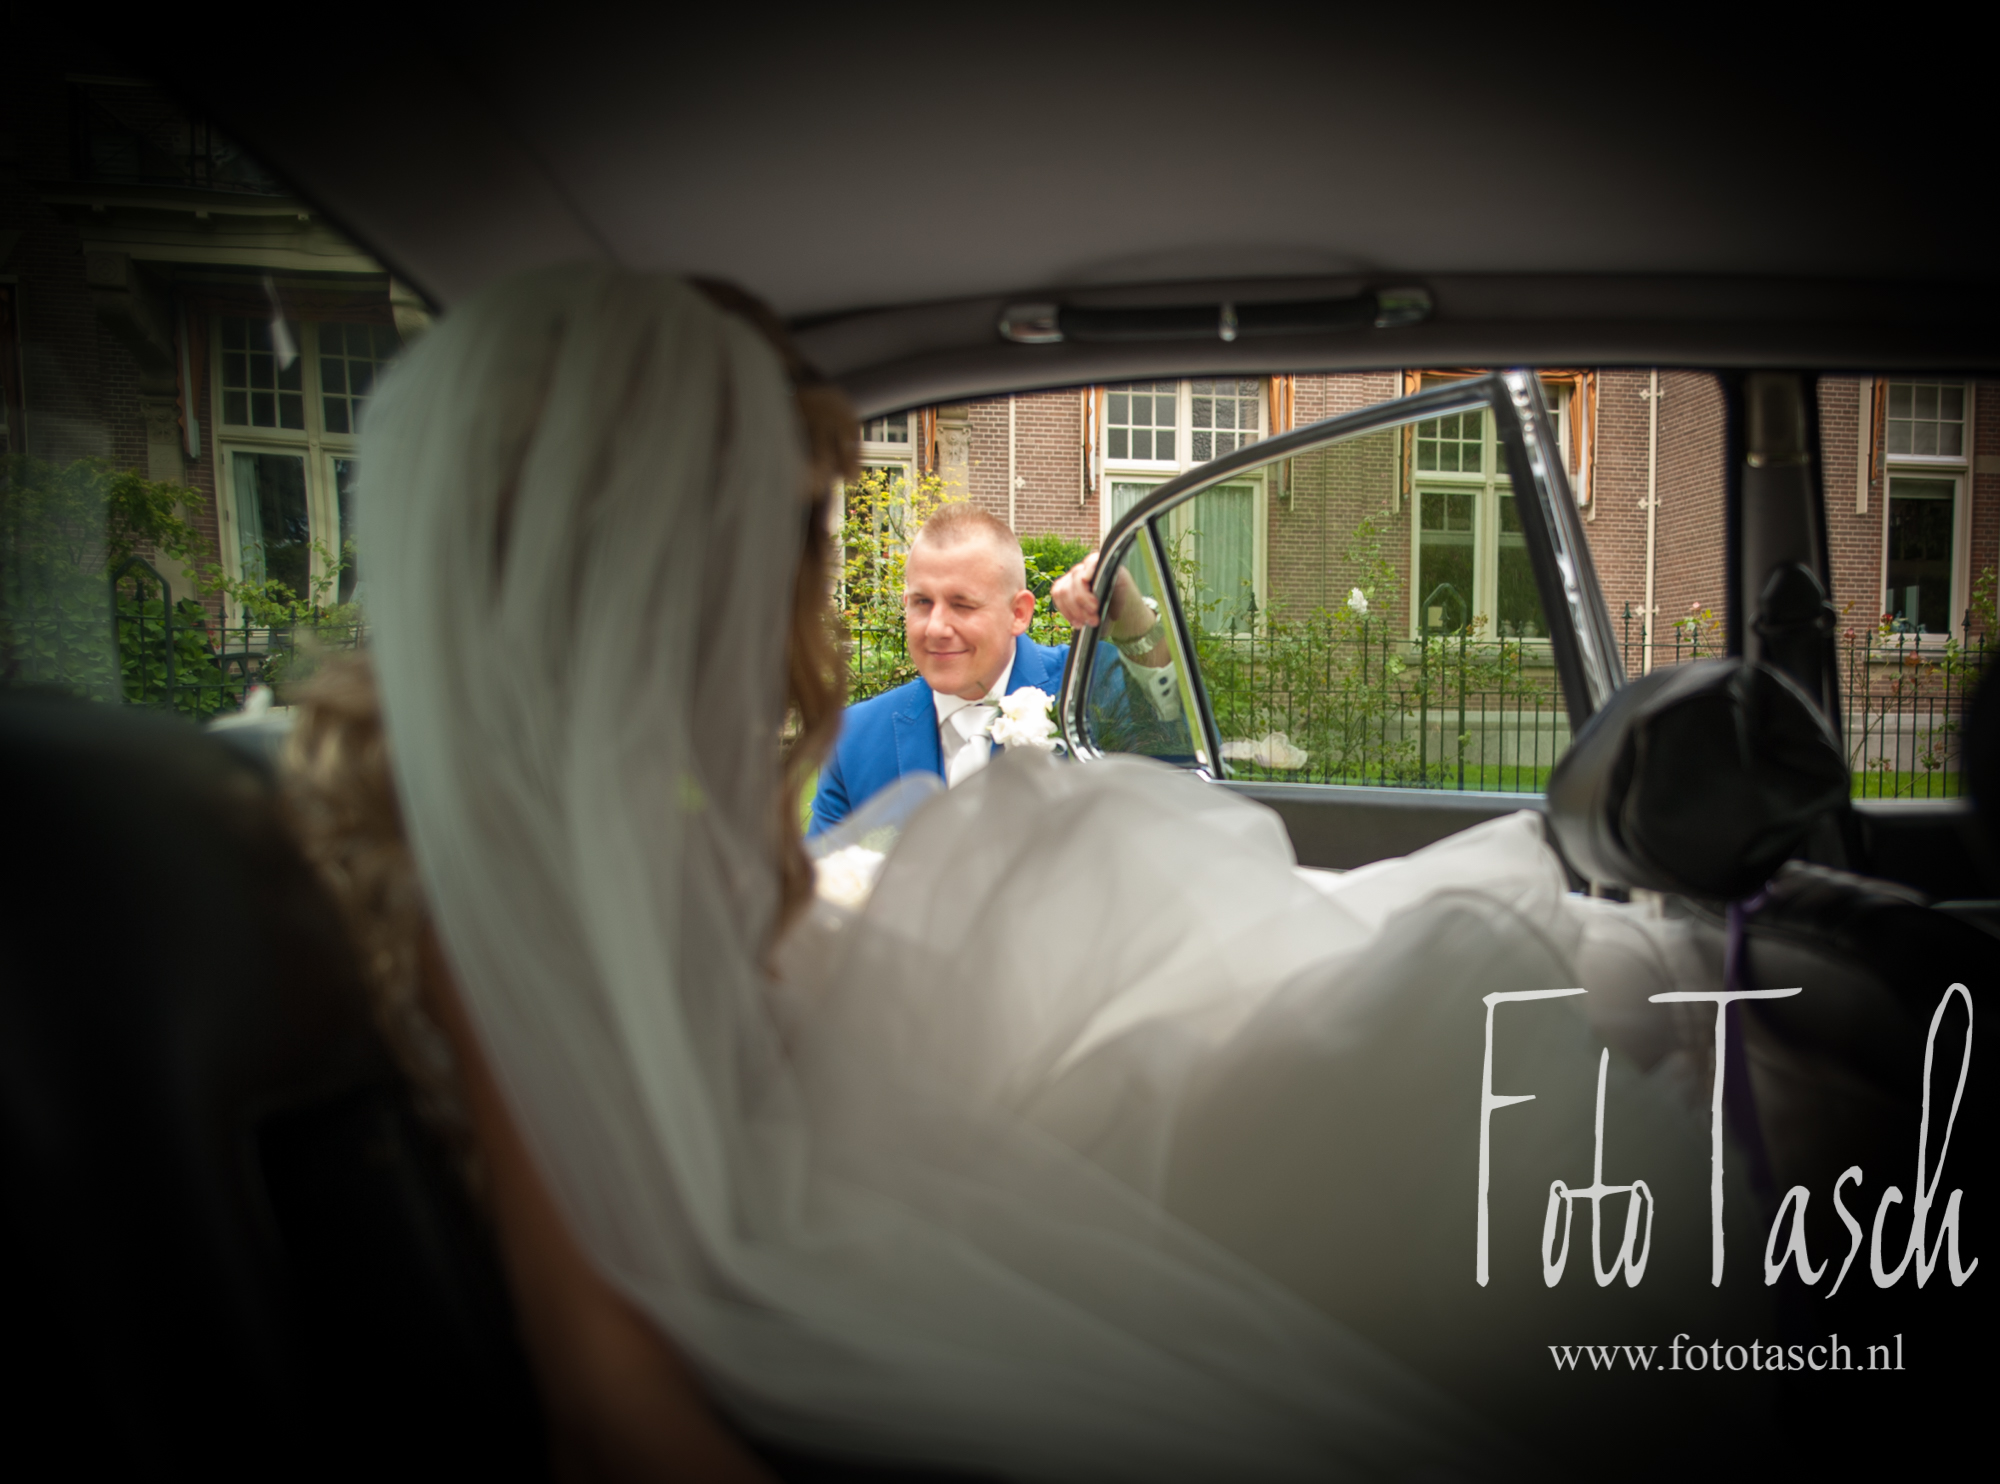 bruidspaar-bar-webbestanden-fototasch-387